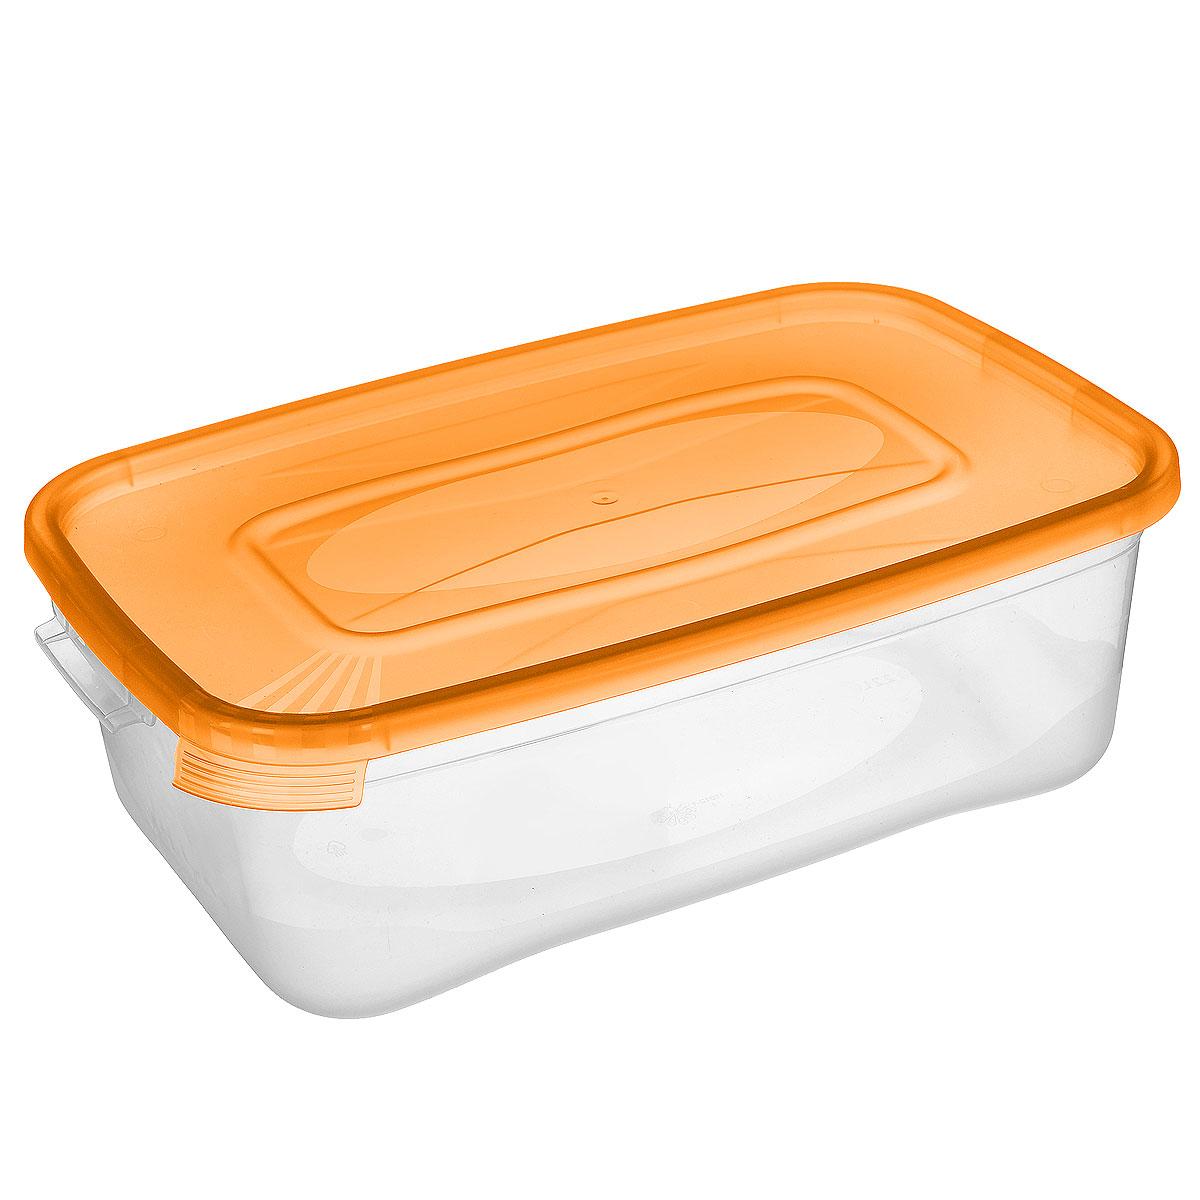 Контейнер Полимербыт Каскад, цвет: прозрачный, оранжевый, 1,2 лVT-1520(SR)Контейнер Полимербыт Каскад прямоугольной формы, изготовленный из прочного пластика, предназначен специально для хранения пищевых продуктов. Крышка легко открывается и плотно закрывается.Контейнер устойчив к воздействию масел и жиров, легко моется. Прозрачные стенки позволяют видеть содержимое. Контейнер имеет возможность хранения продуктов глубокой заморозки, обладает высокой прочностью.Подходит для использования в микроволновых печах. Можно мыть в посудомоечной машине.